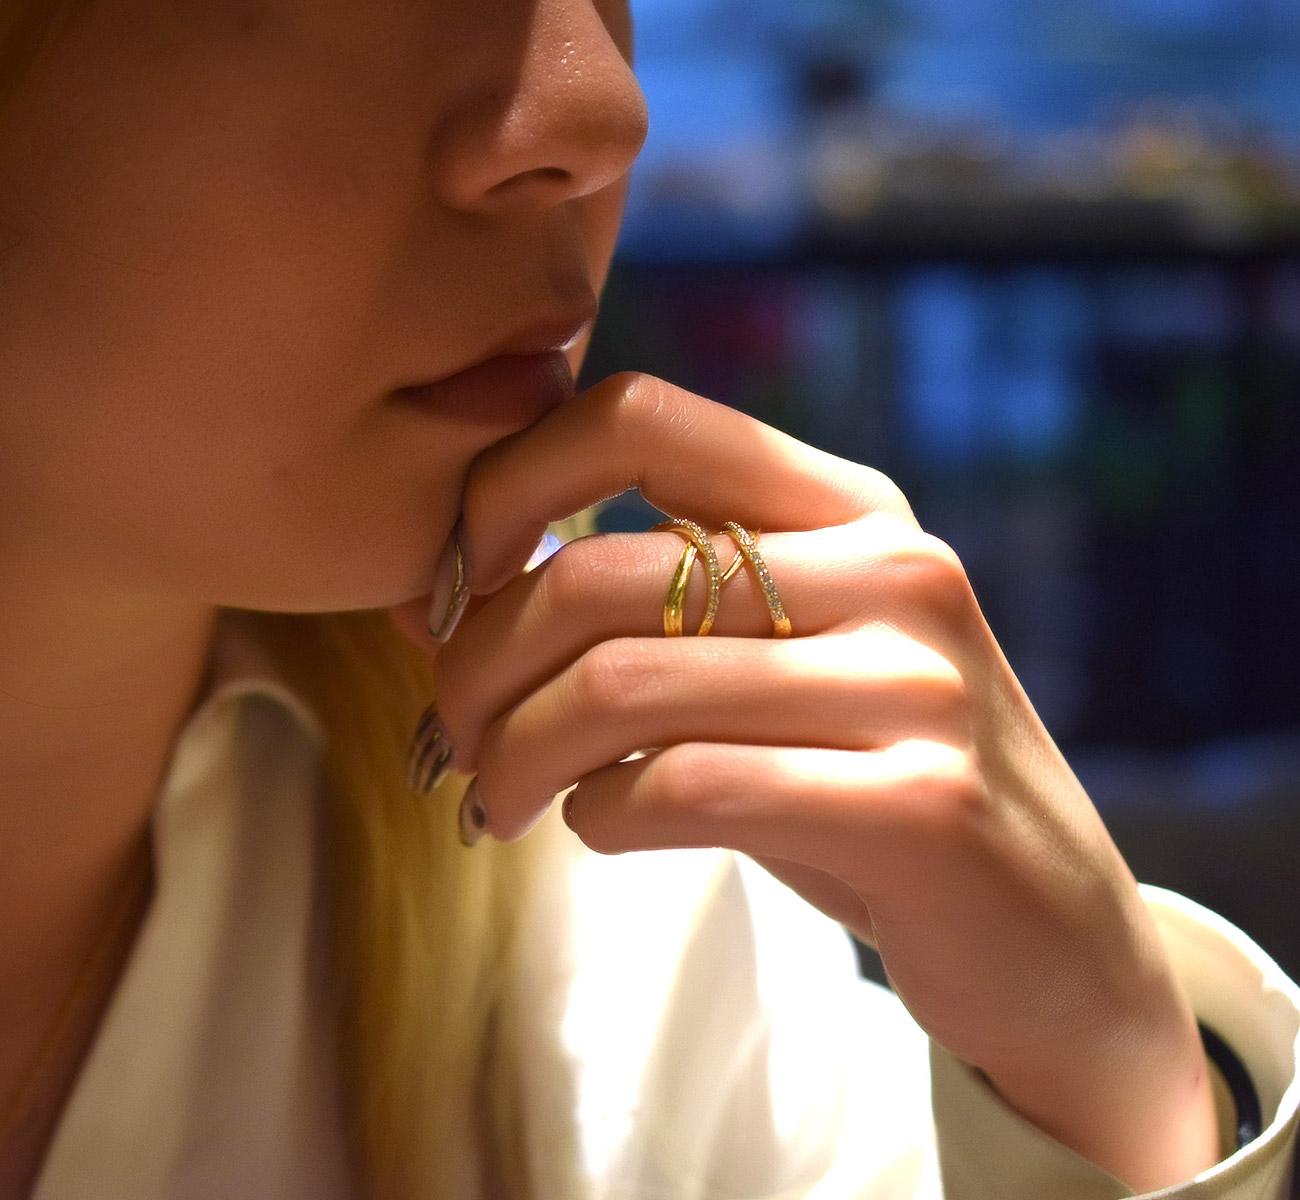 リング 指輪 ハワイアンジュエリーレディース 女性(Weliana) ハワイアンエアルーム エンゲージメントリング ラインストーン ウェディング ダイヤモンド wetk012